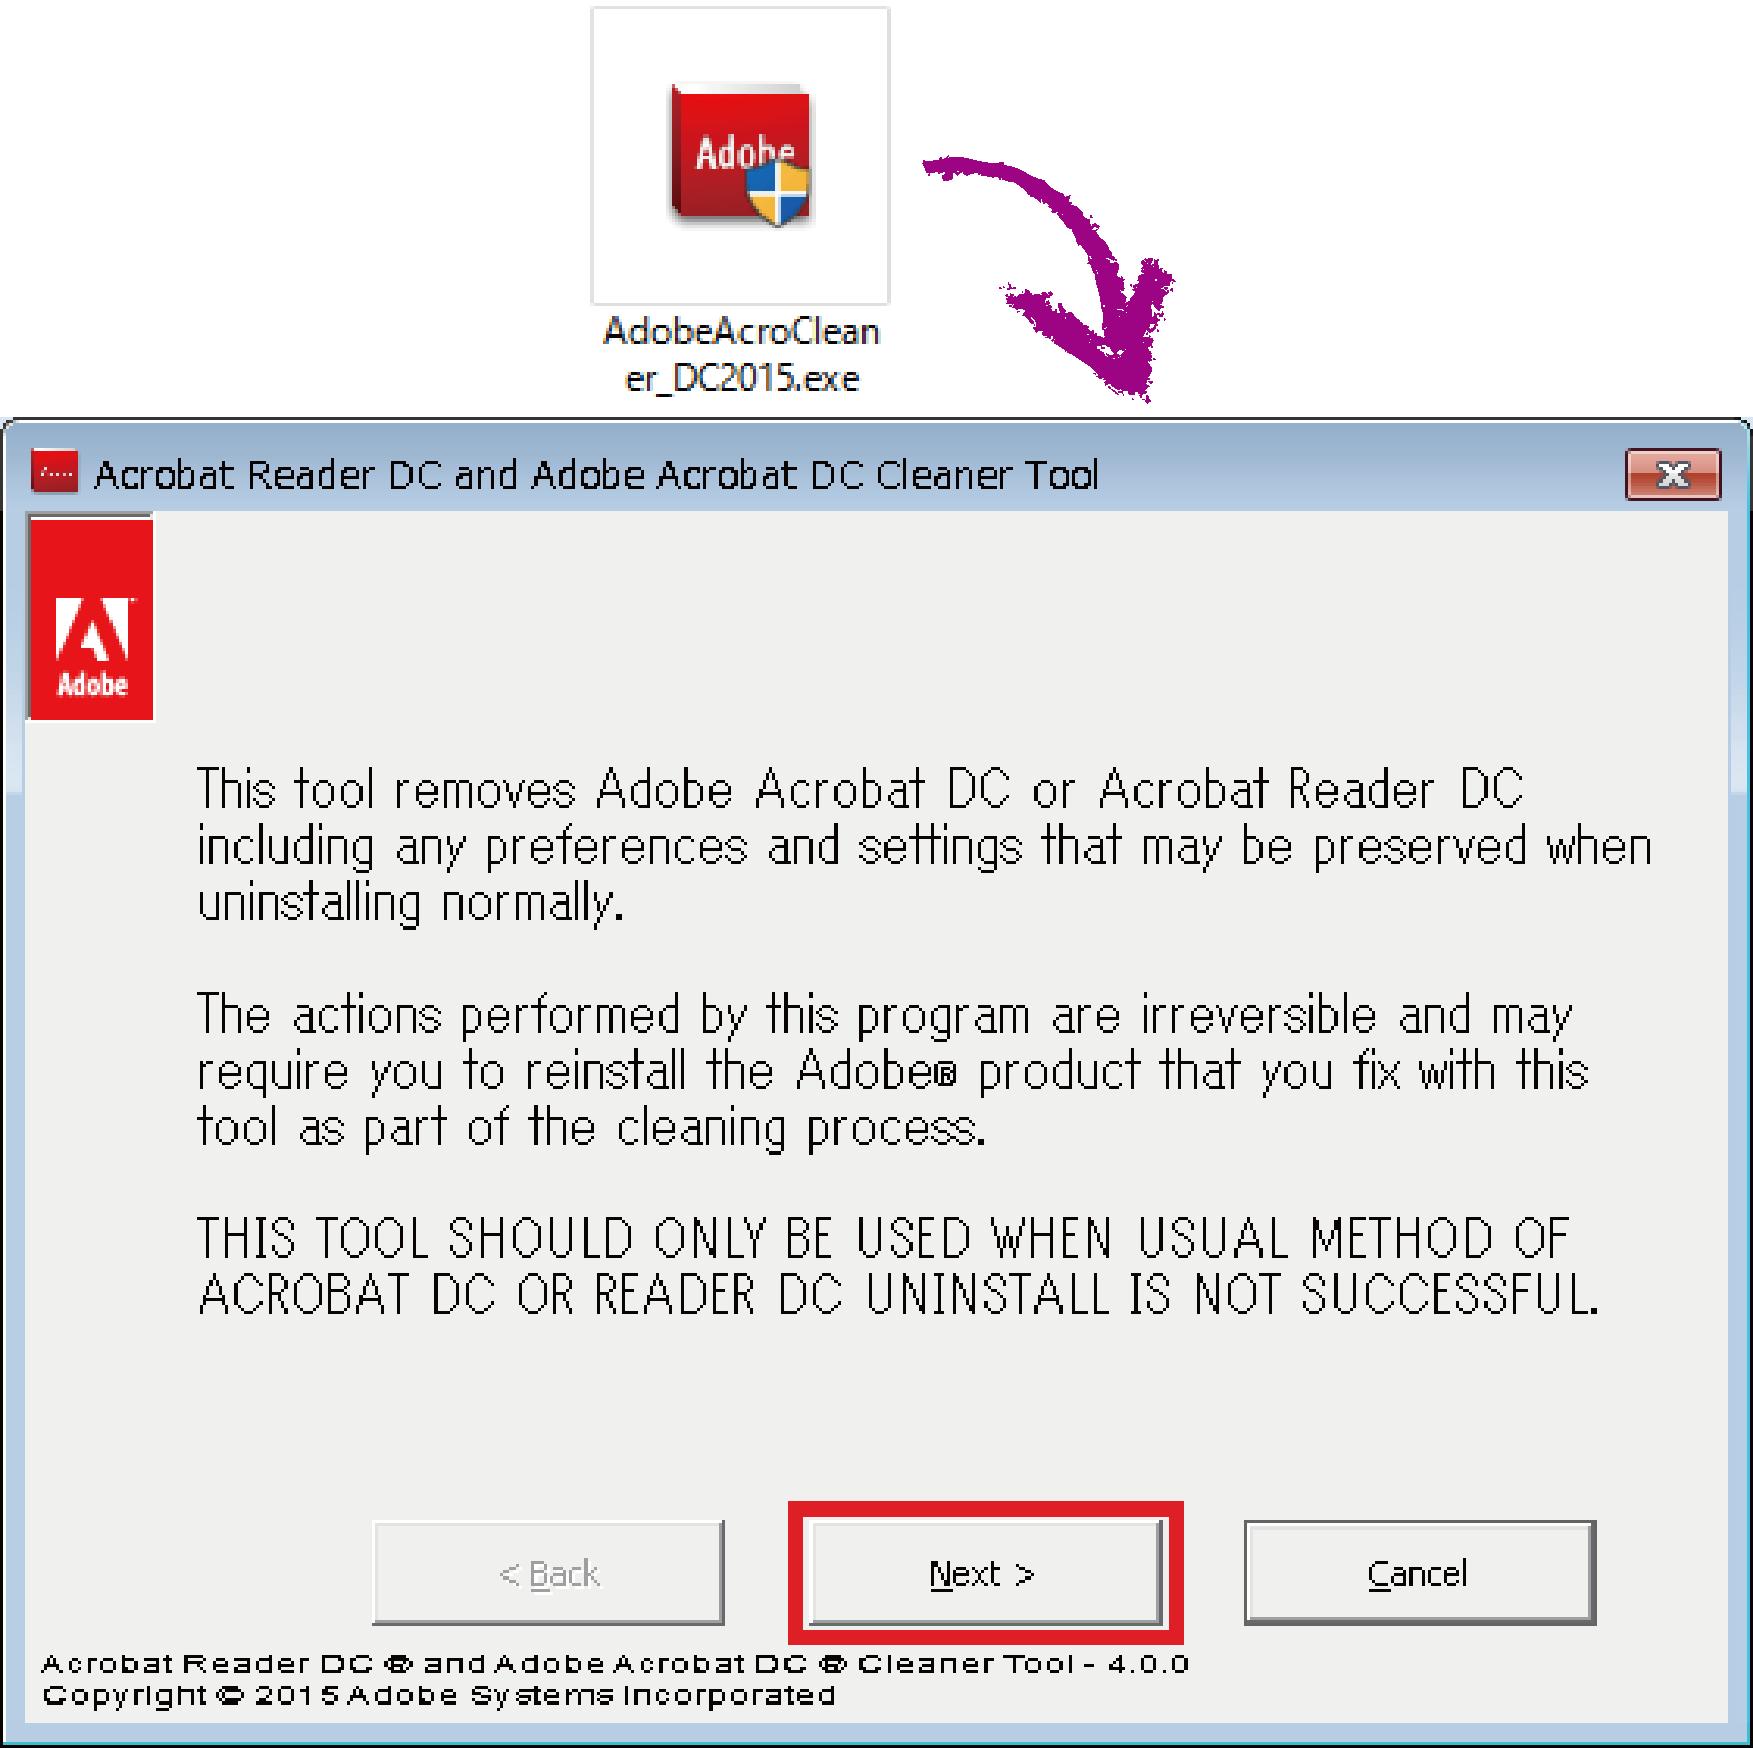 AdobeAcroCleaner_DC2015プログラム画面1